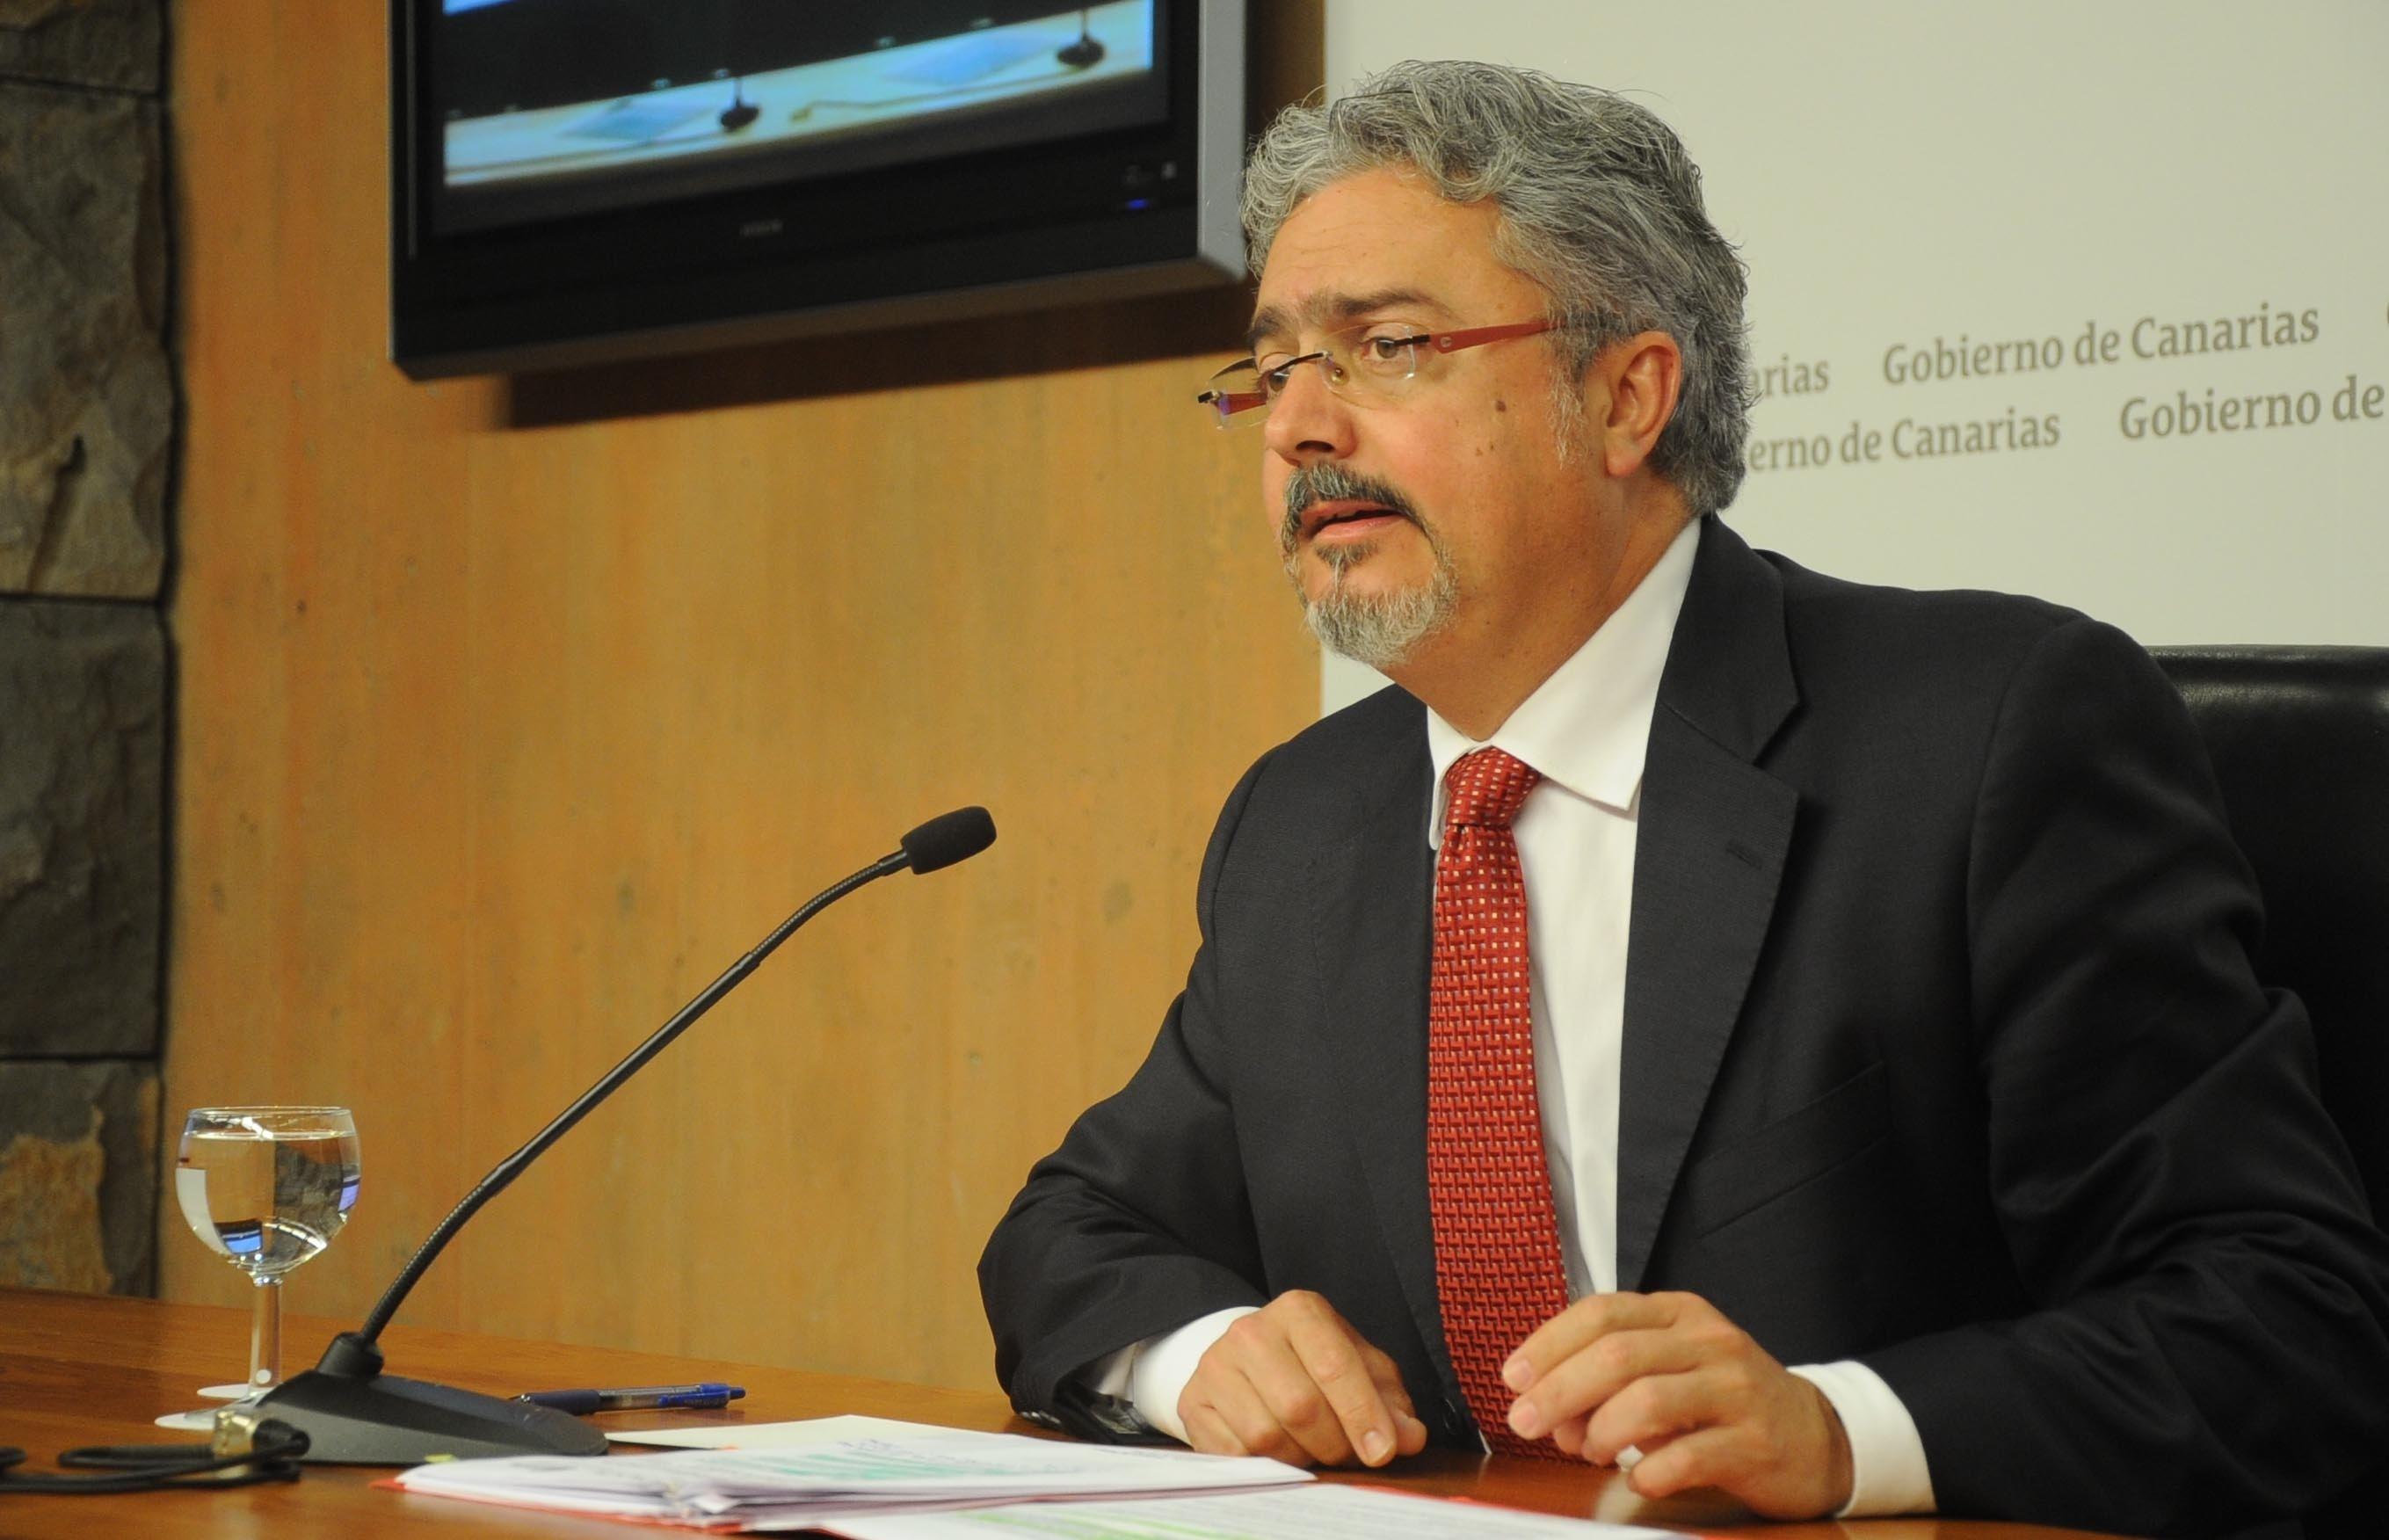 El Gobierno de Canarias no descarta recurrir ante el Supremo la anulación del segundo concurso eólico